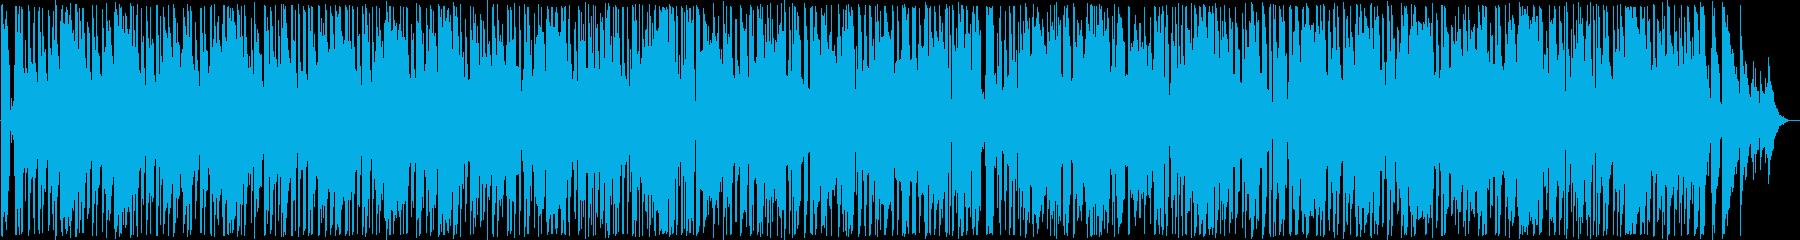 おしゃれなブルース系ギターサウンドの再生済みの波形